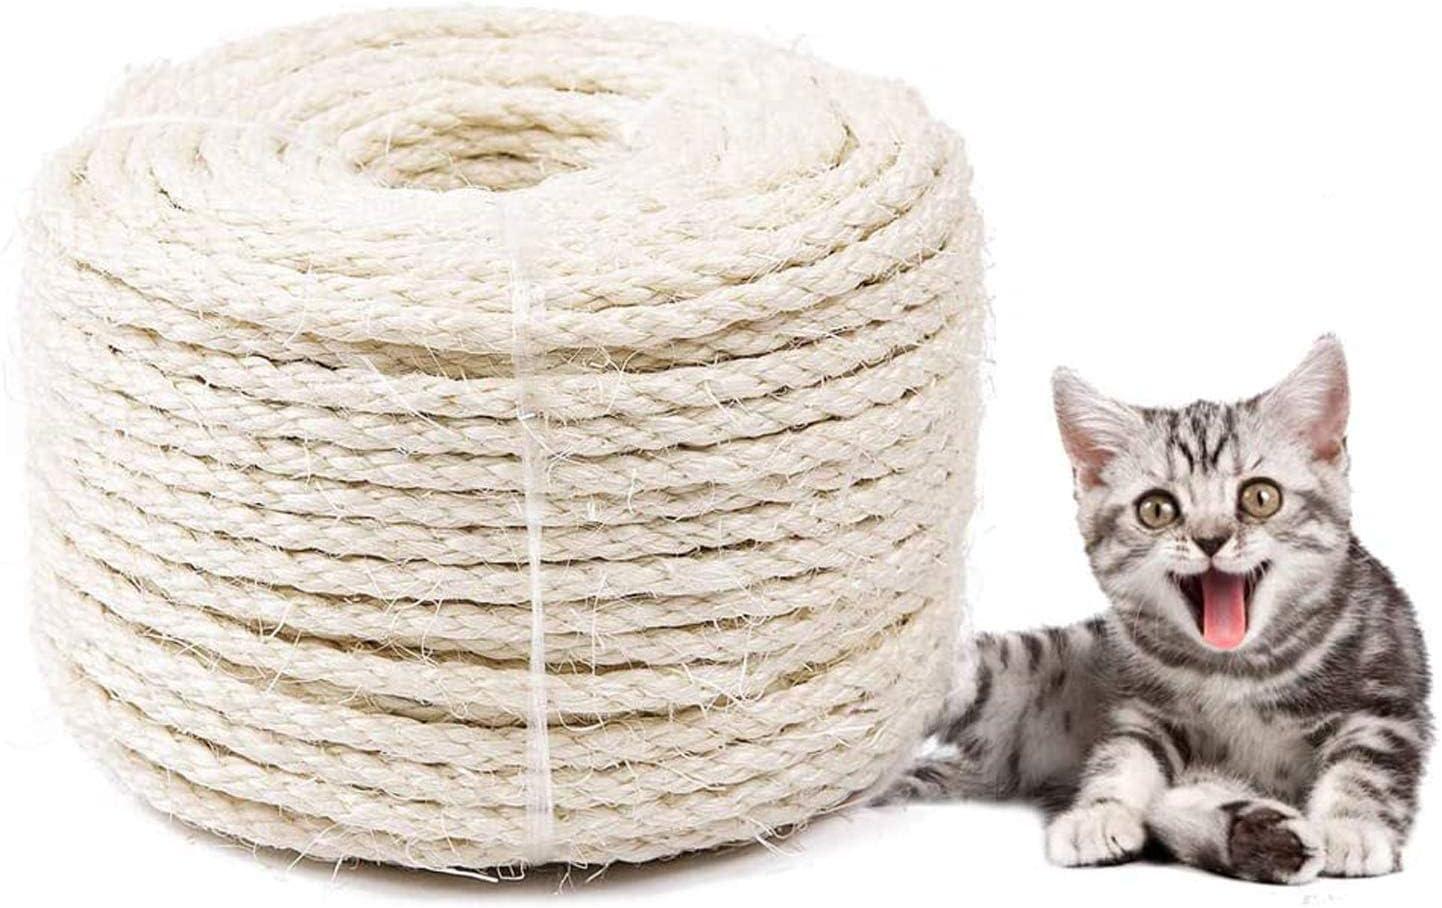 DIY Mobili albero per gatti tappeto e tappetino antigraffio Corda in sisal 6mm per Gatto Scratcher Riparare e sostituire il tiragraffi per gatti Sisal 20m//66 piedi giocattoli per kicker per gatti